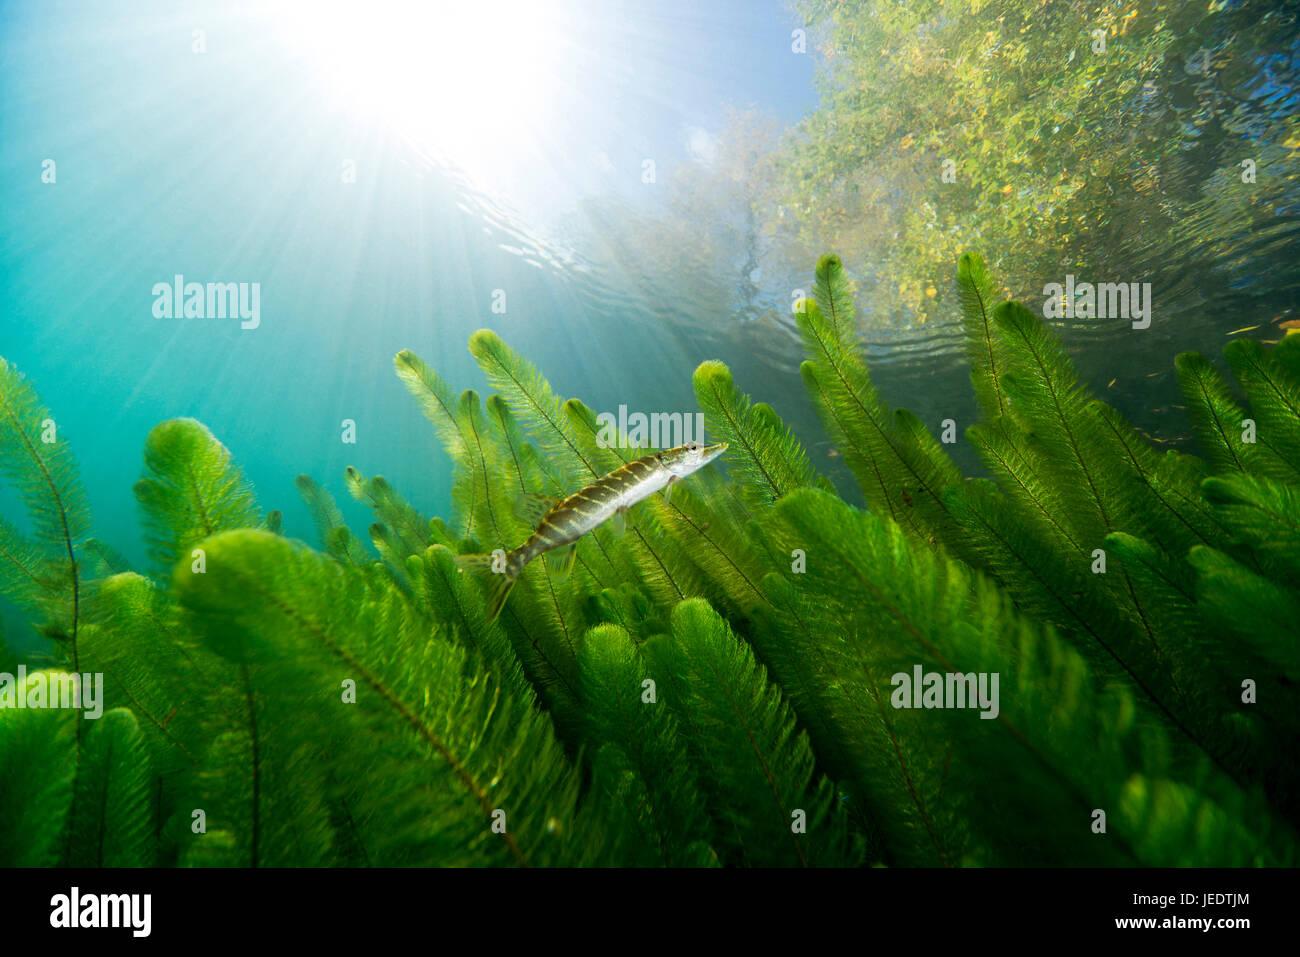 Hecht; Hecht im Flachwasser hechtartiger Raubfisch;;;;; Knochenfisch Süsswasserfisch Süsswasser Tausendblatt Banque D'Images